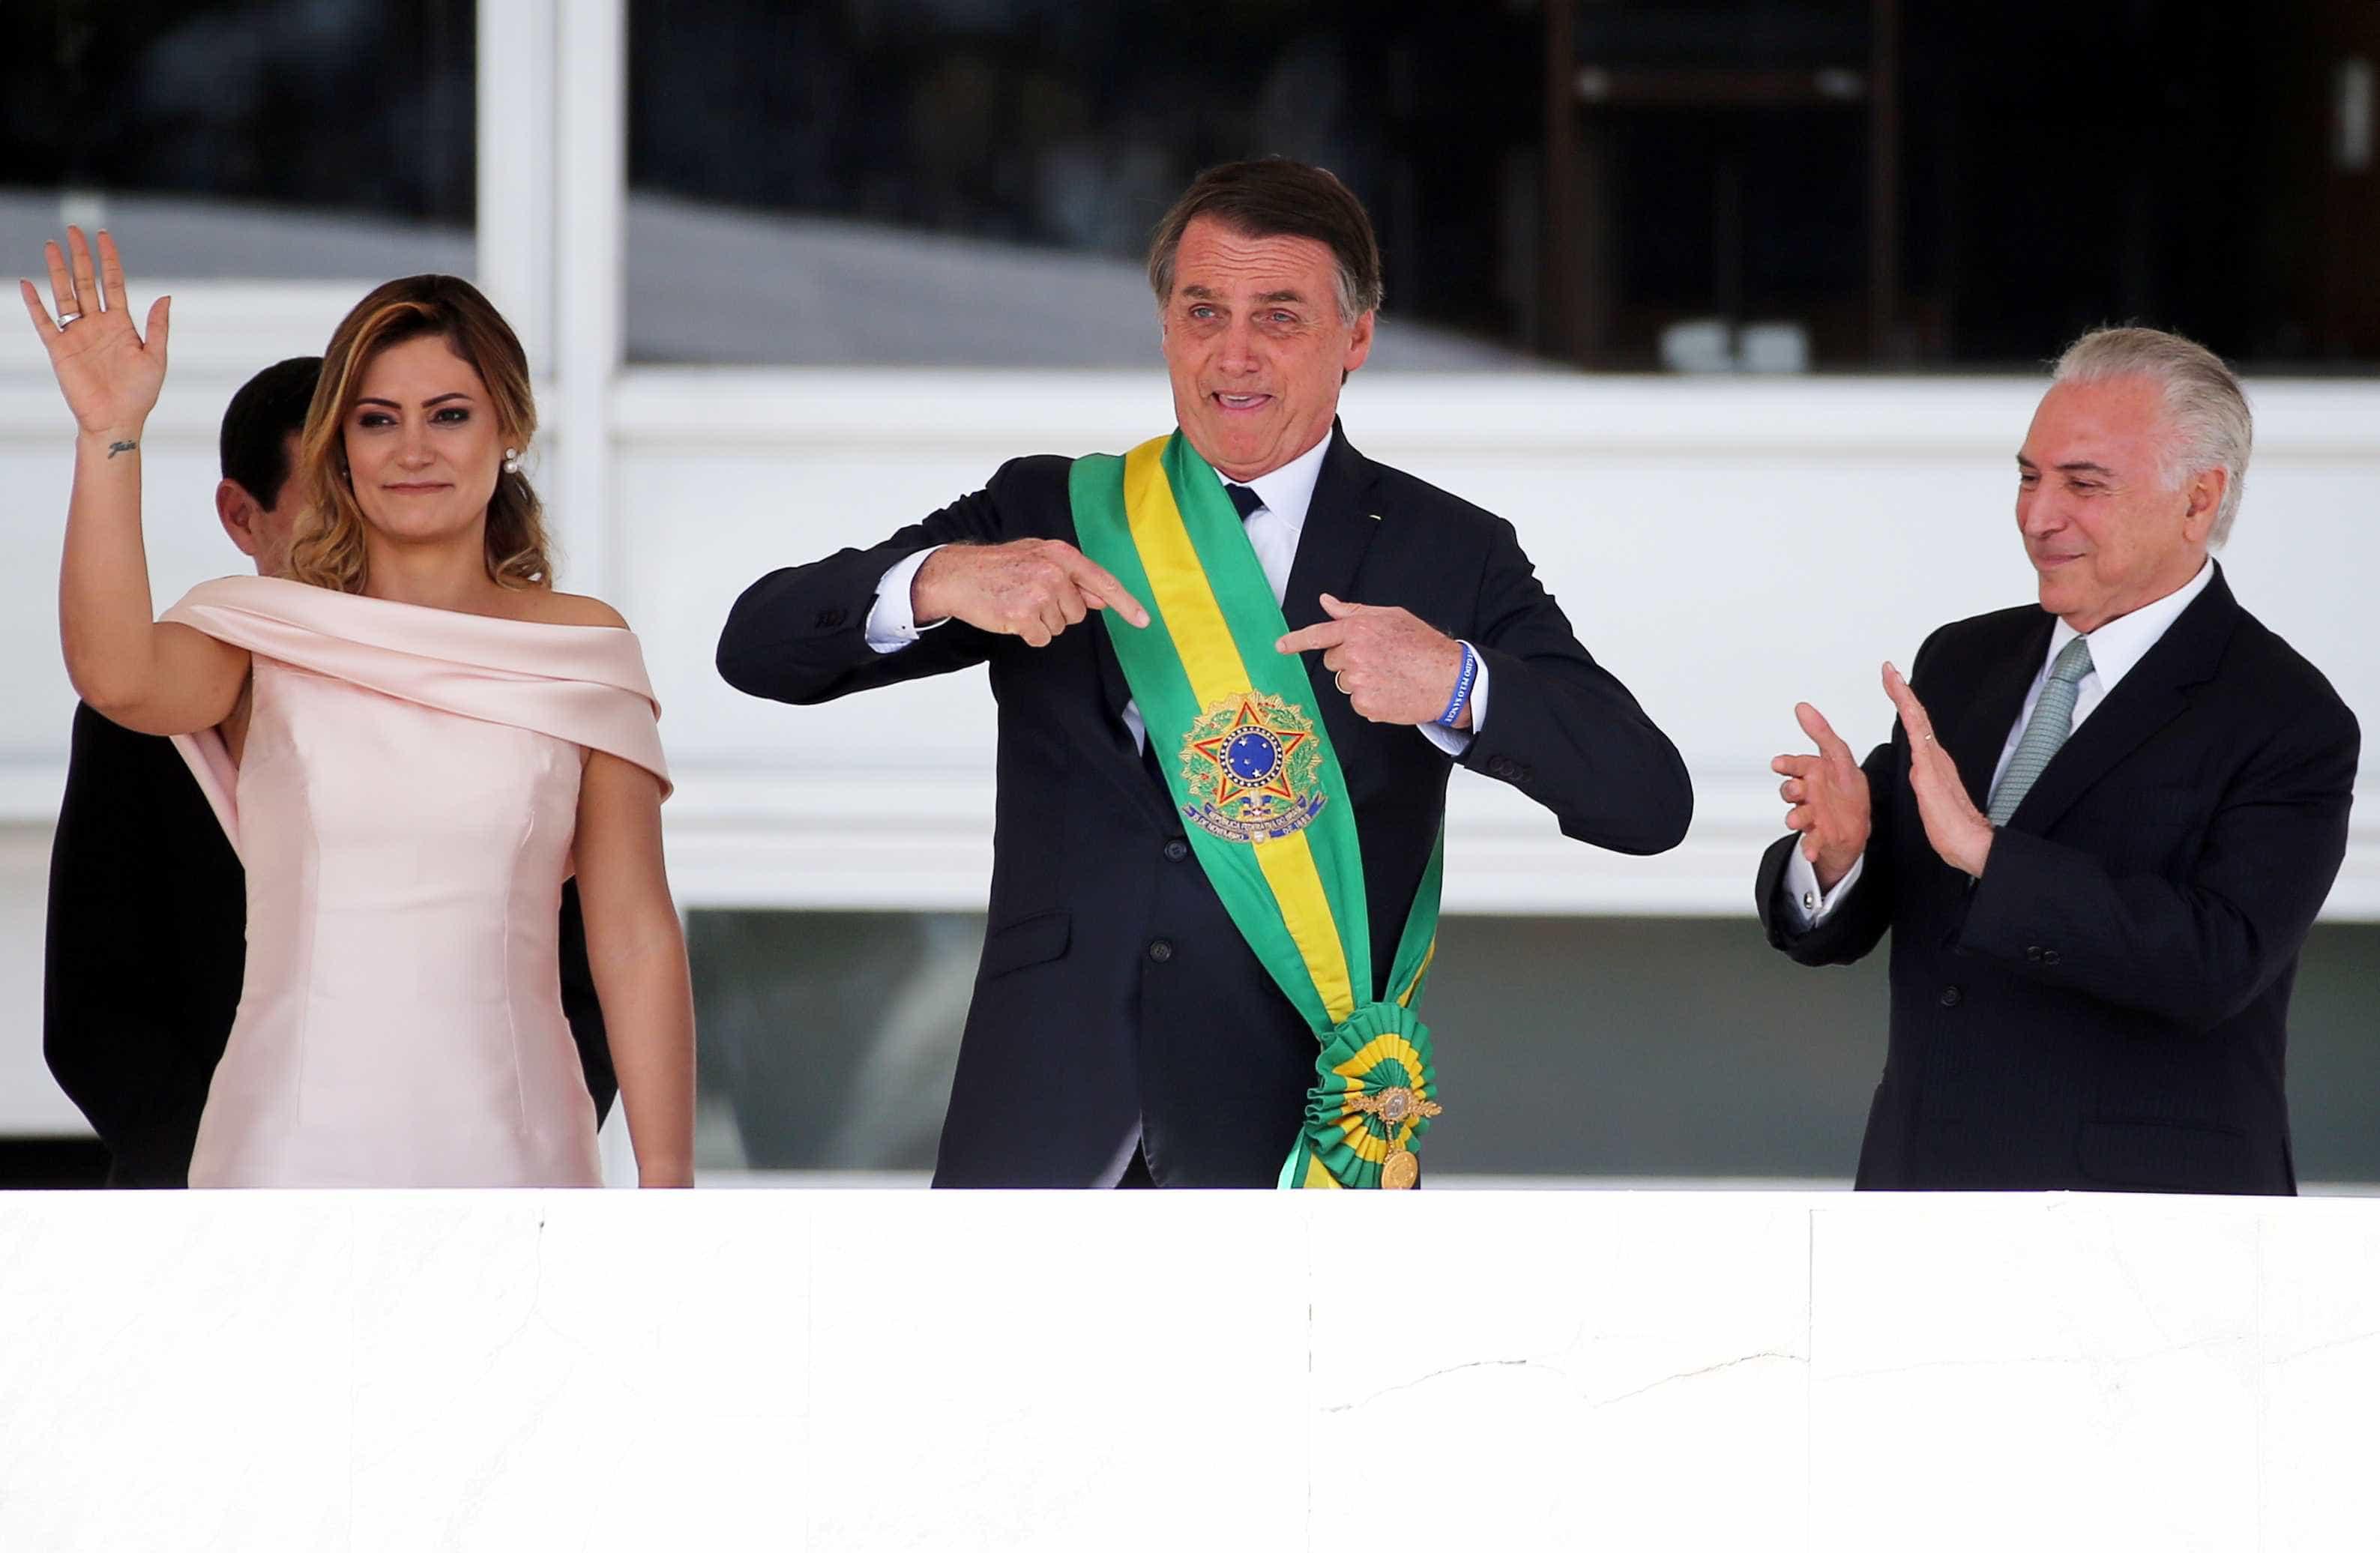 Pulseira que Bolsonaro usou na posse dizia: 'Protegido pelo sangue'